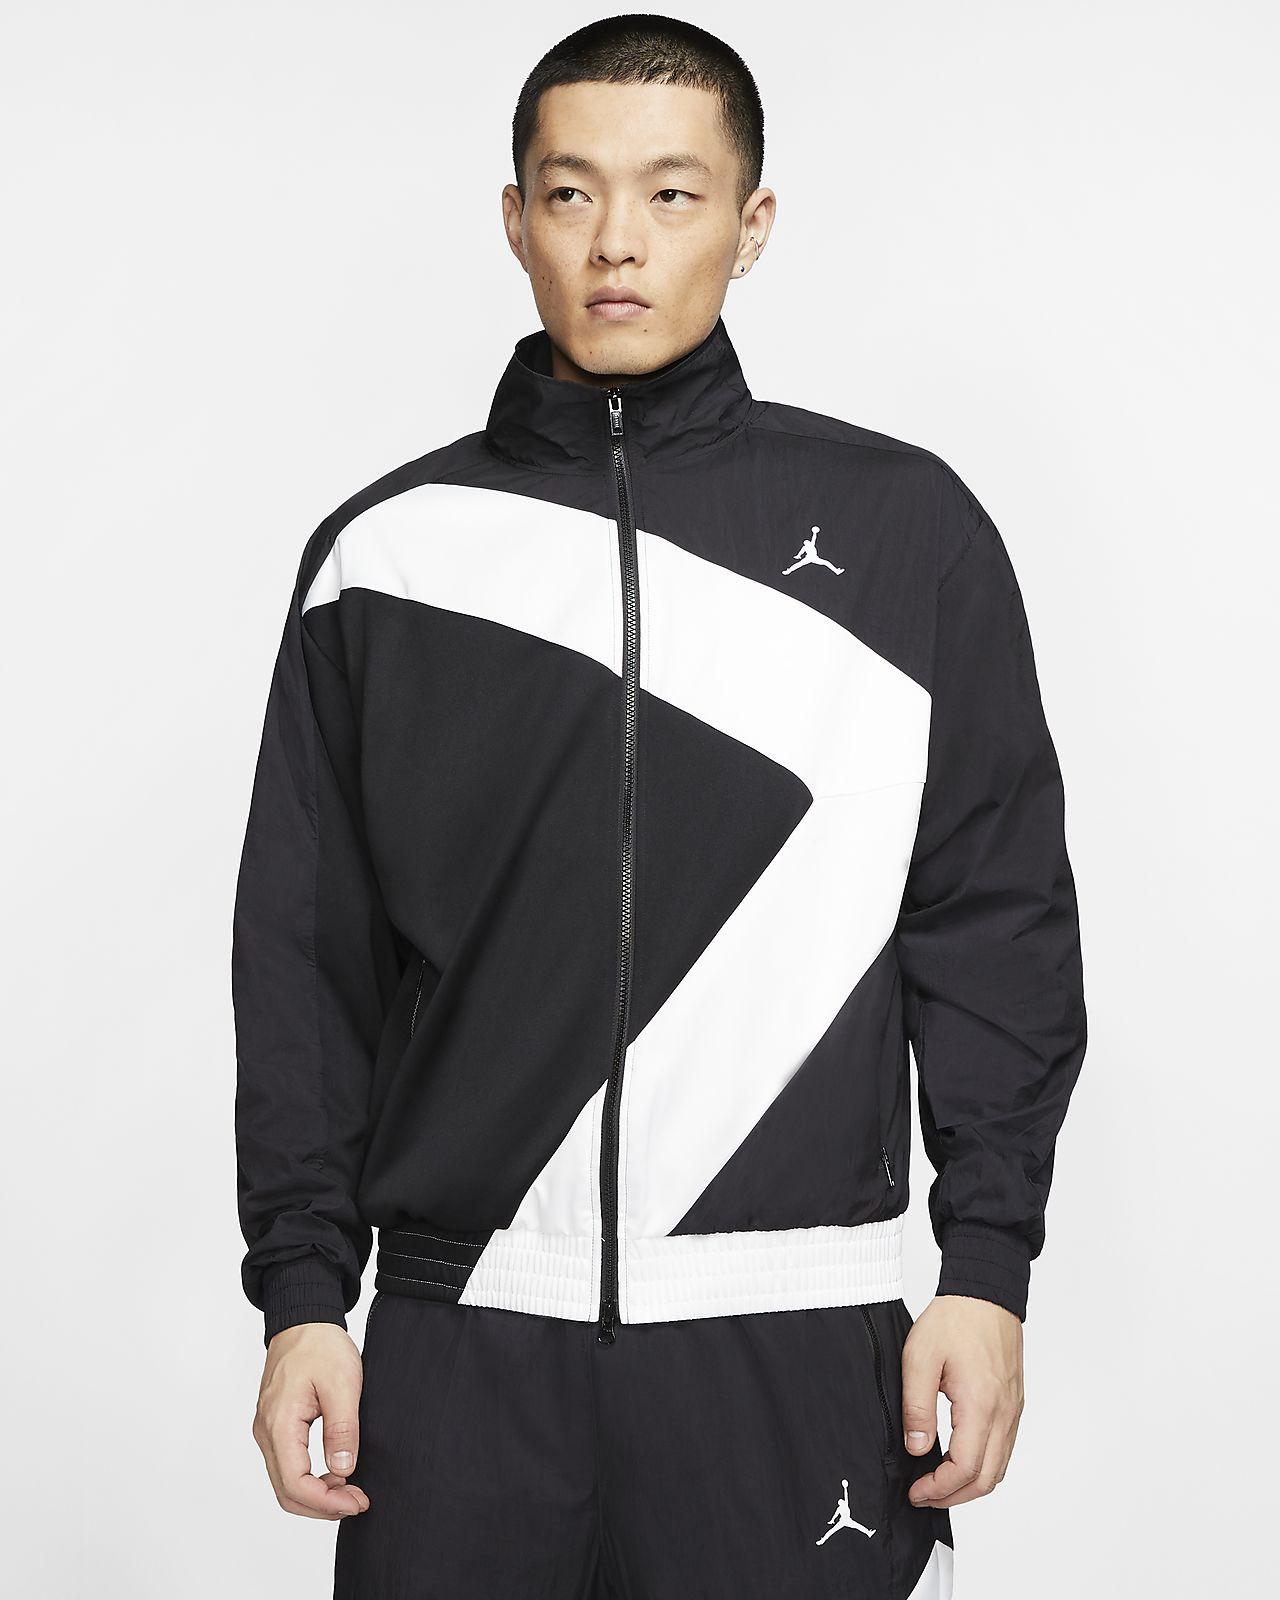 Nike 耐克 JORDAN WINGS DIAMOND 男子秋冬休闲夹克外套 CI7916 ¥399包邮 可凑单满减